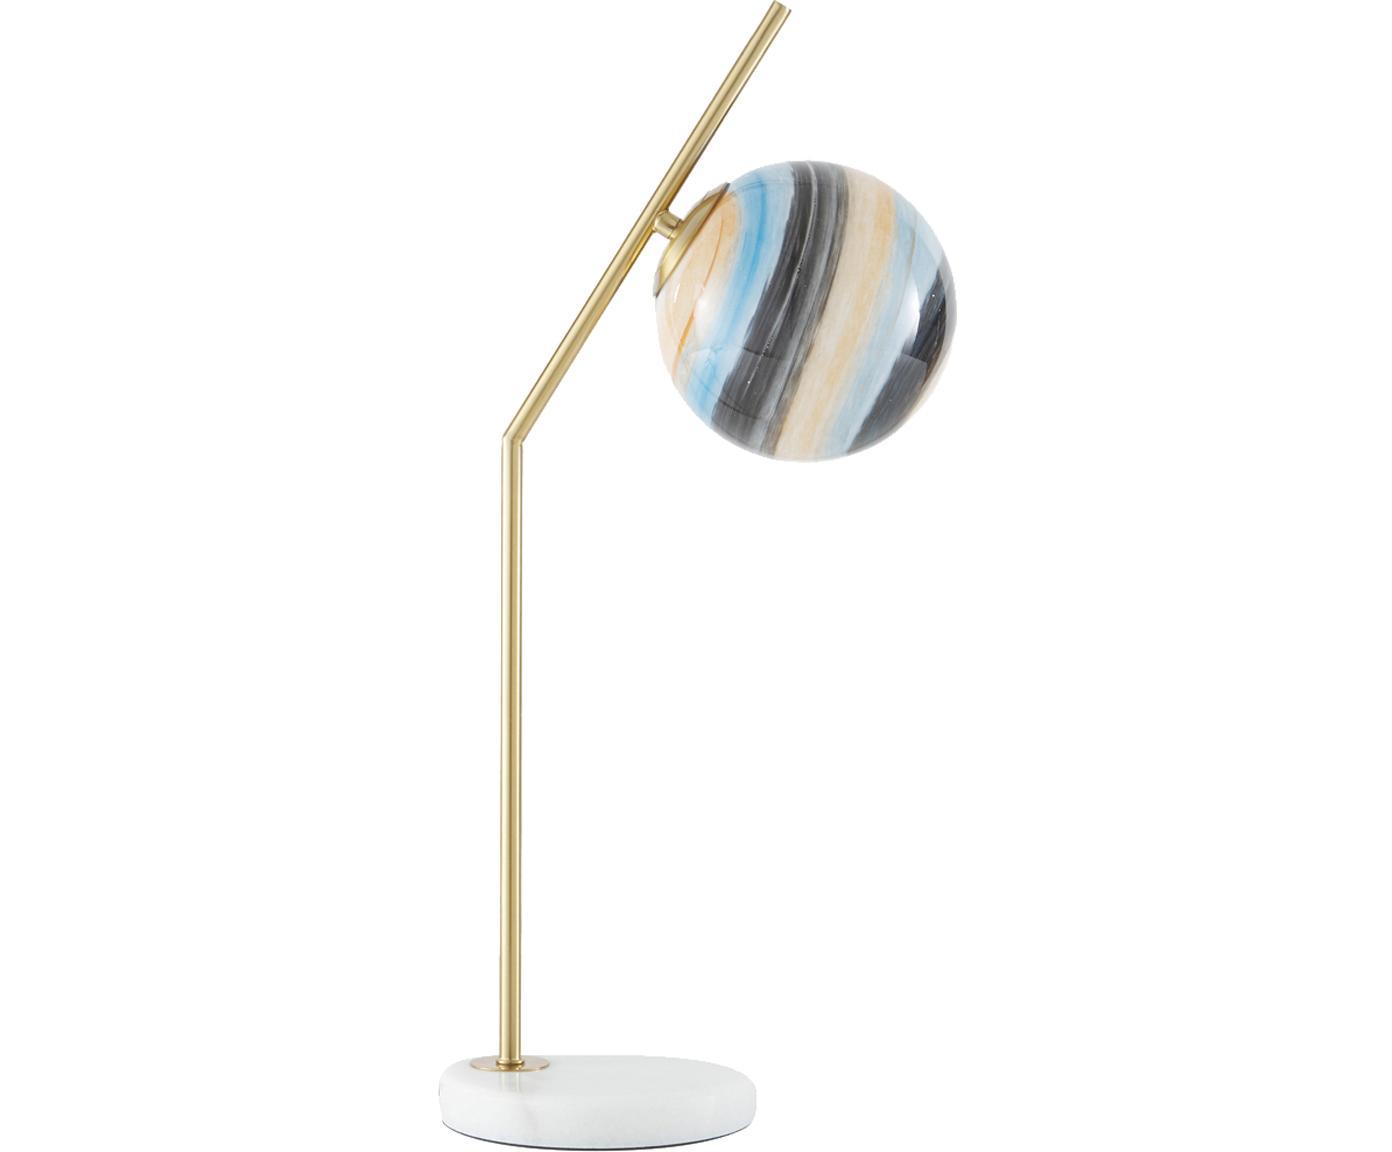 Lampa stołowa Opal, Srebrny, transparentnyny, Odcienie mosiądzu, biały, odcienie pastelowe, S 25 x W 56 cm